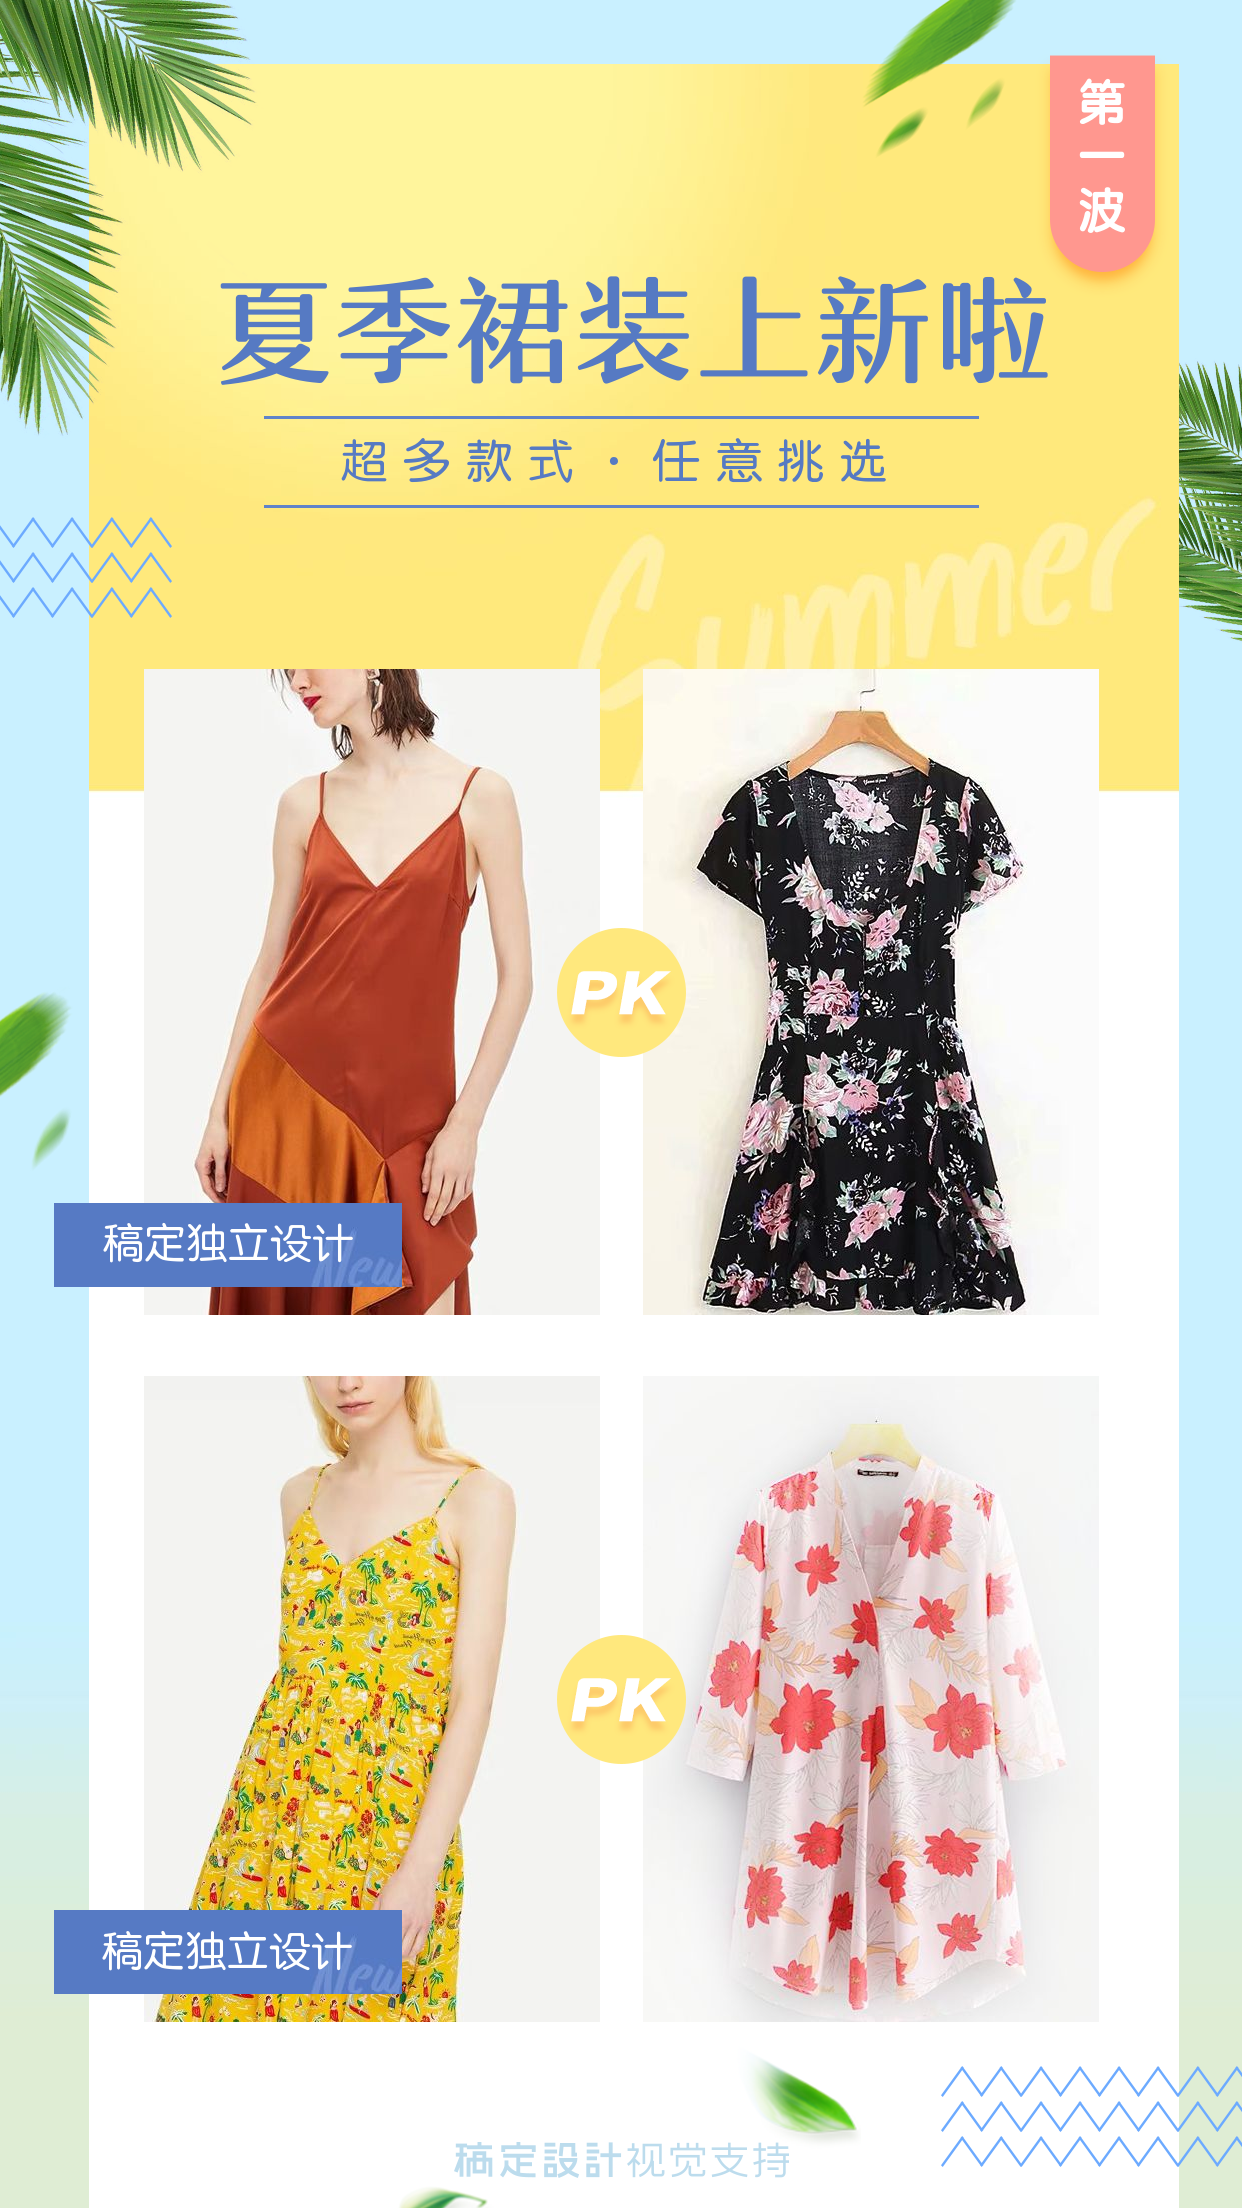 夏季衣服上新多图展示